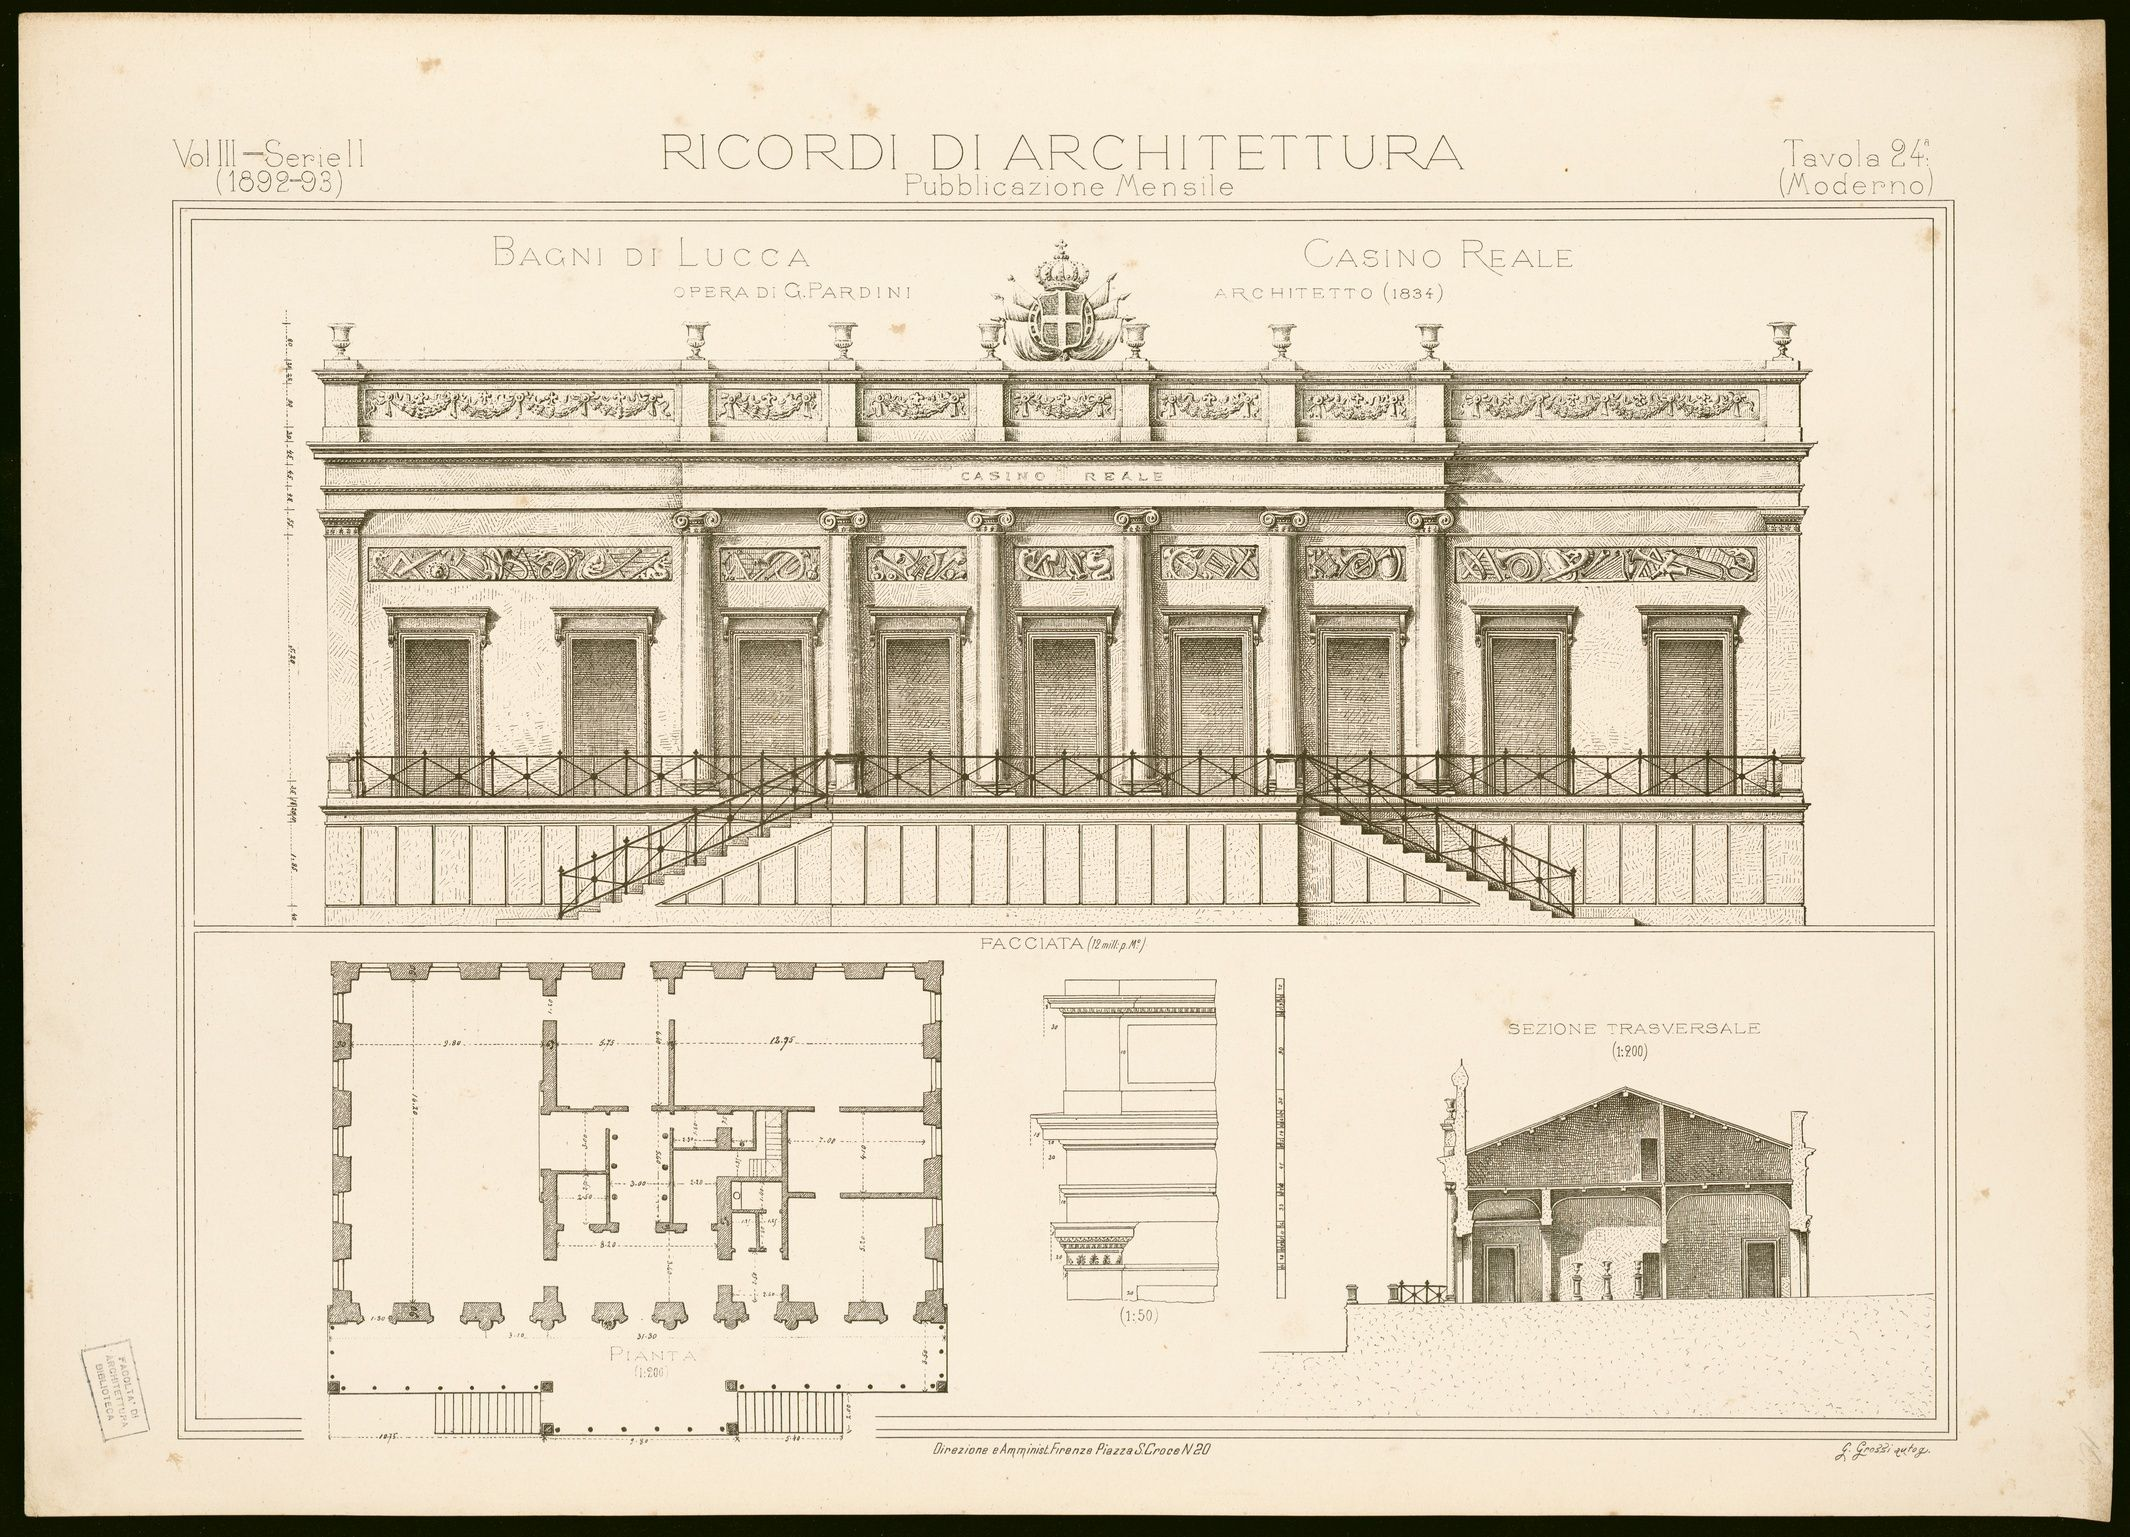 Impronte digitali scheda dettagliata my love for Case neoclassiche